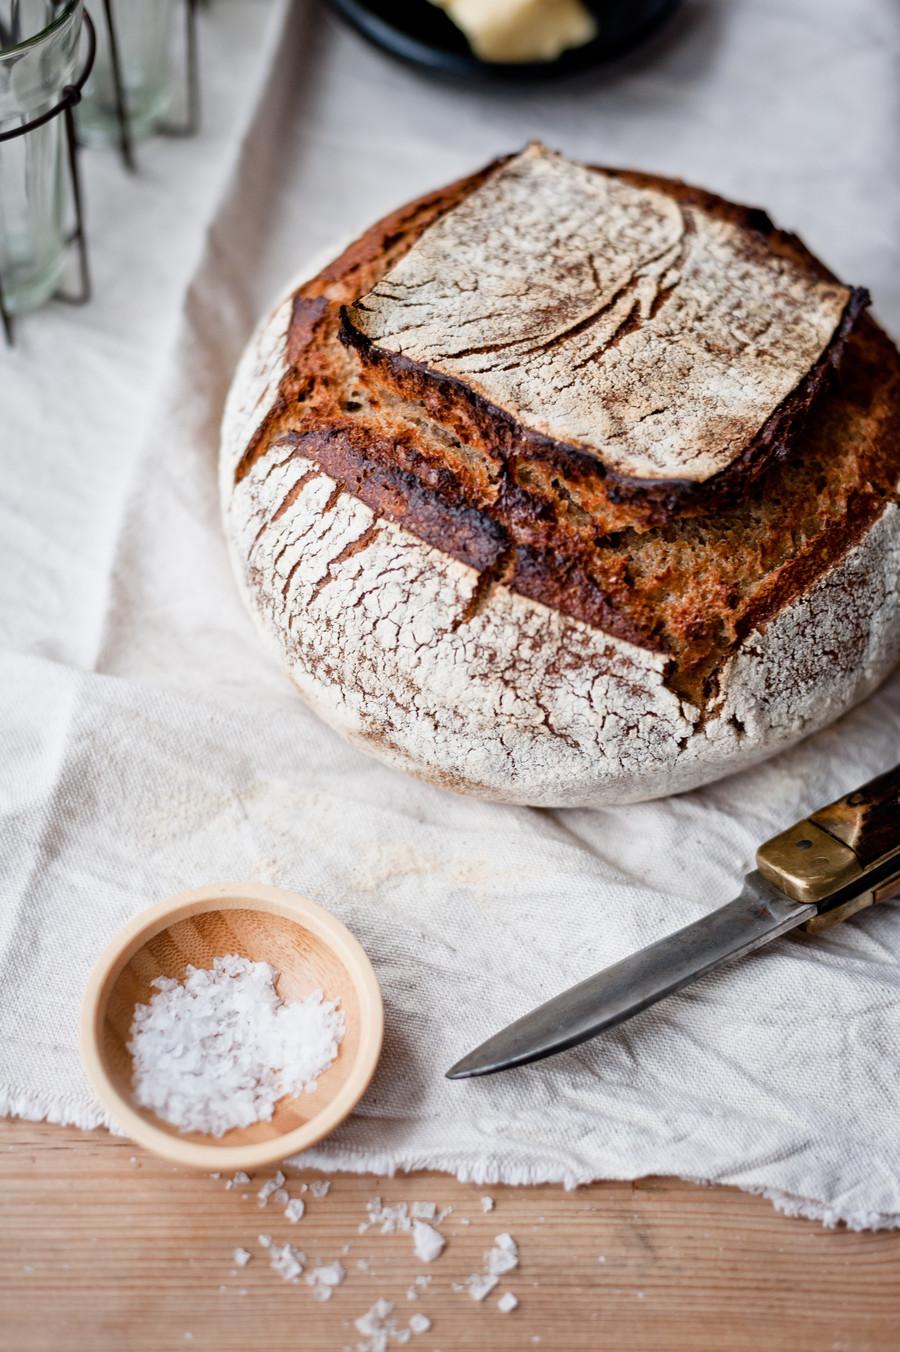 Zdrowy chleb. Chleb który odchudza. Chleb wspomagający odchudzanie